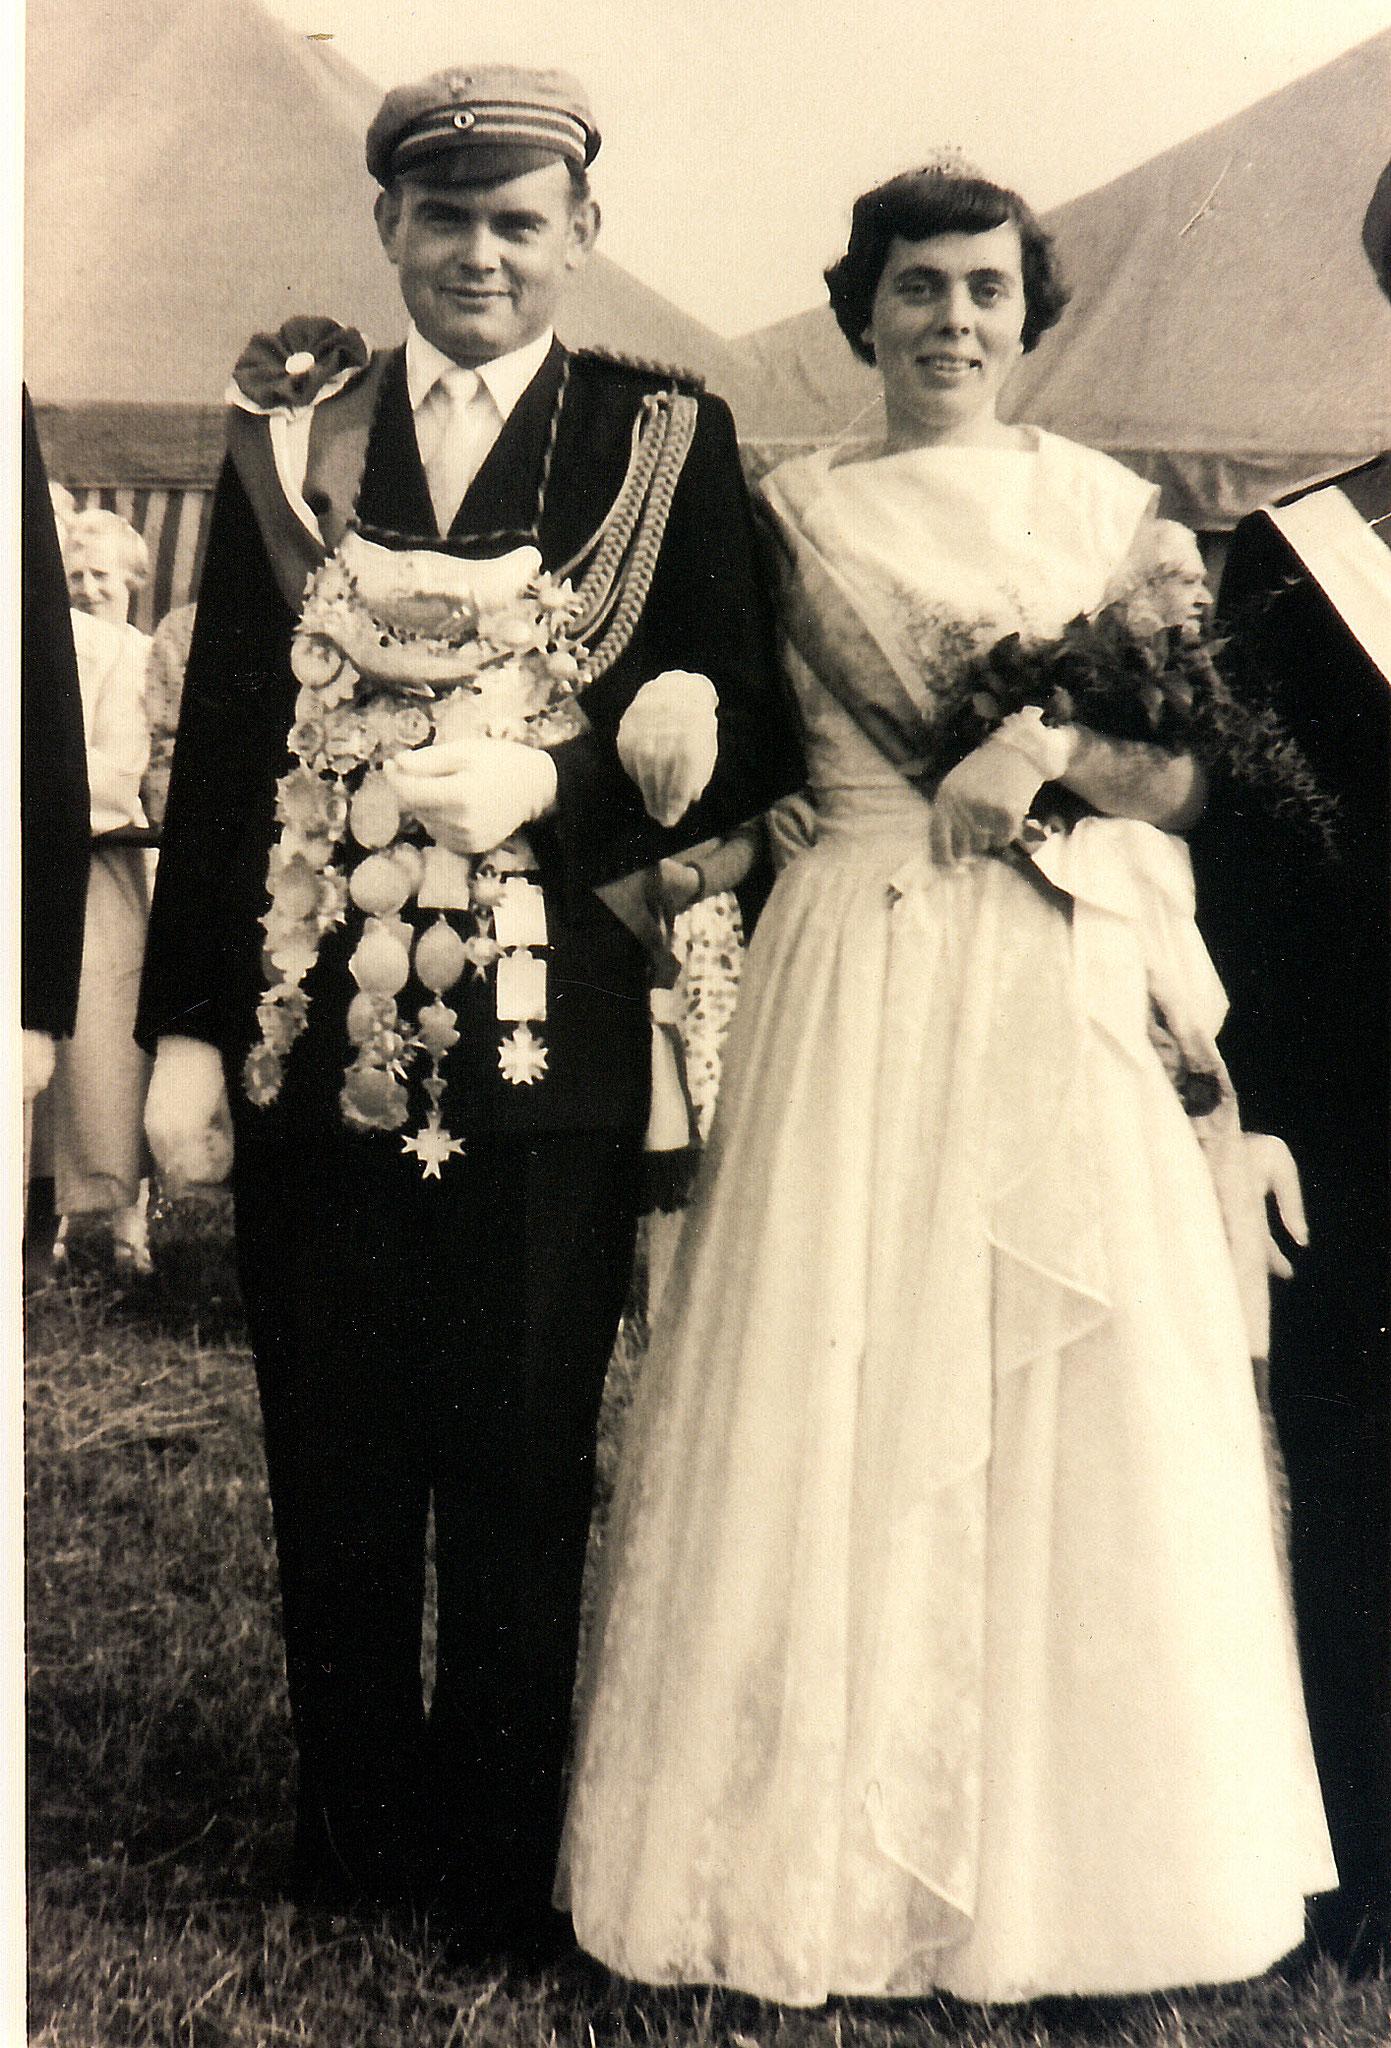 1957 Heinz Wulf+ & Anneliese Eickenbusch